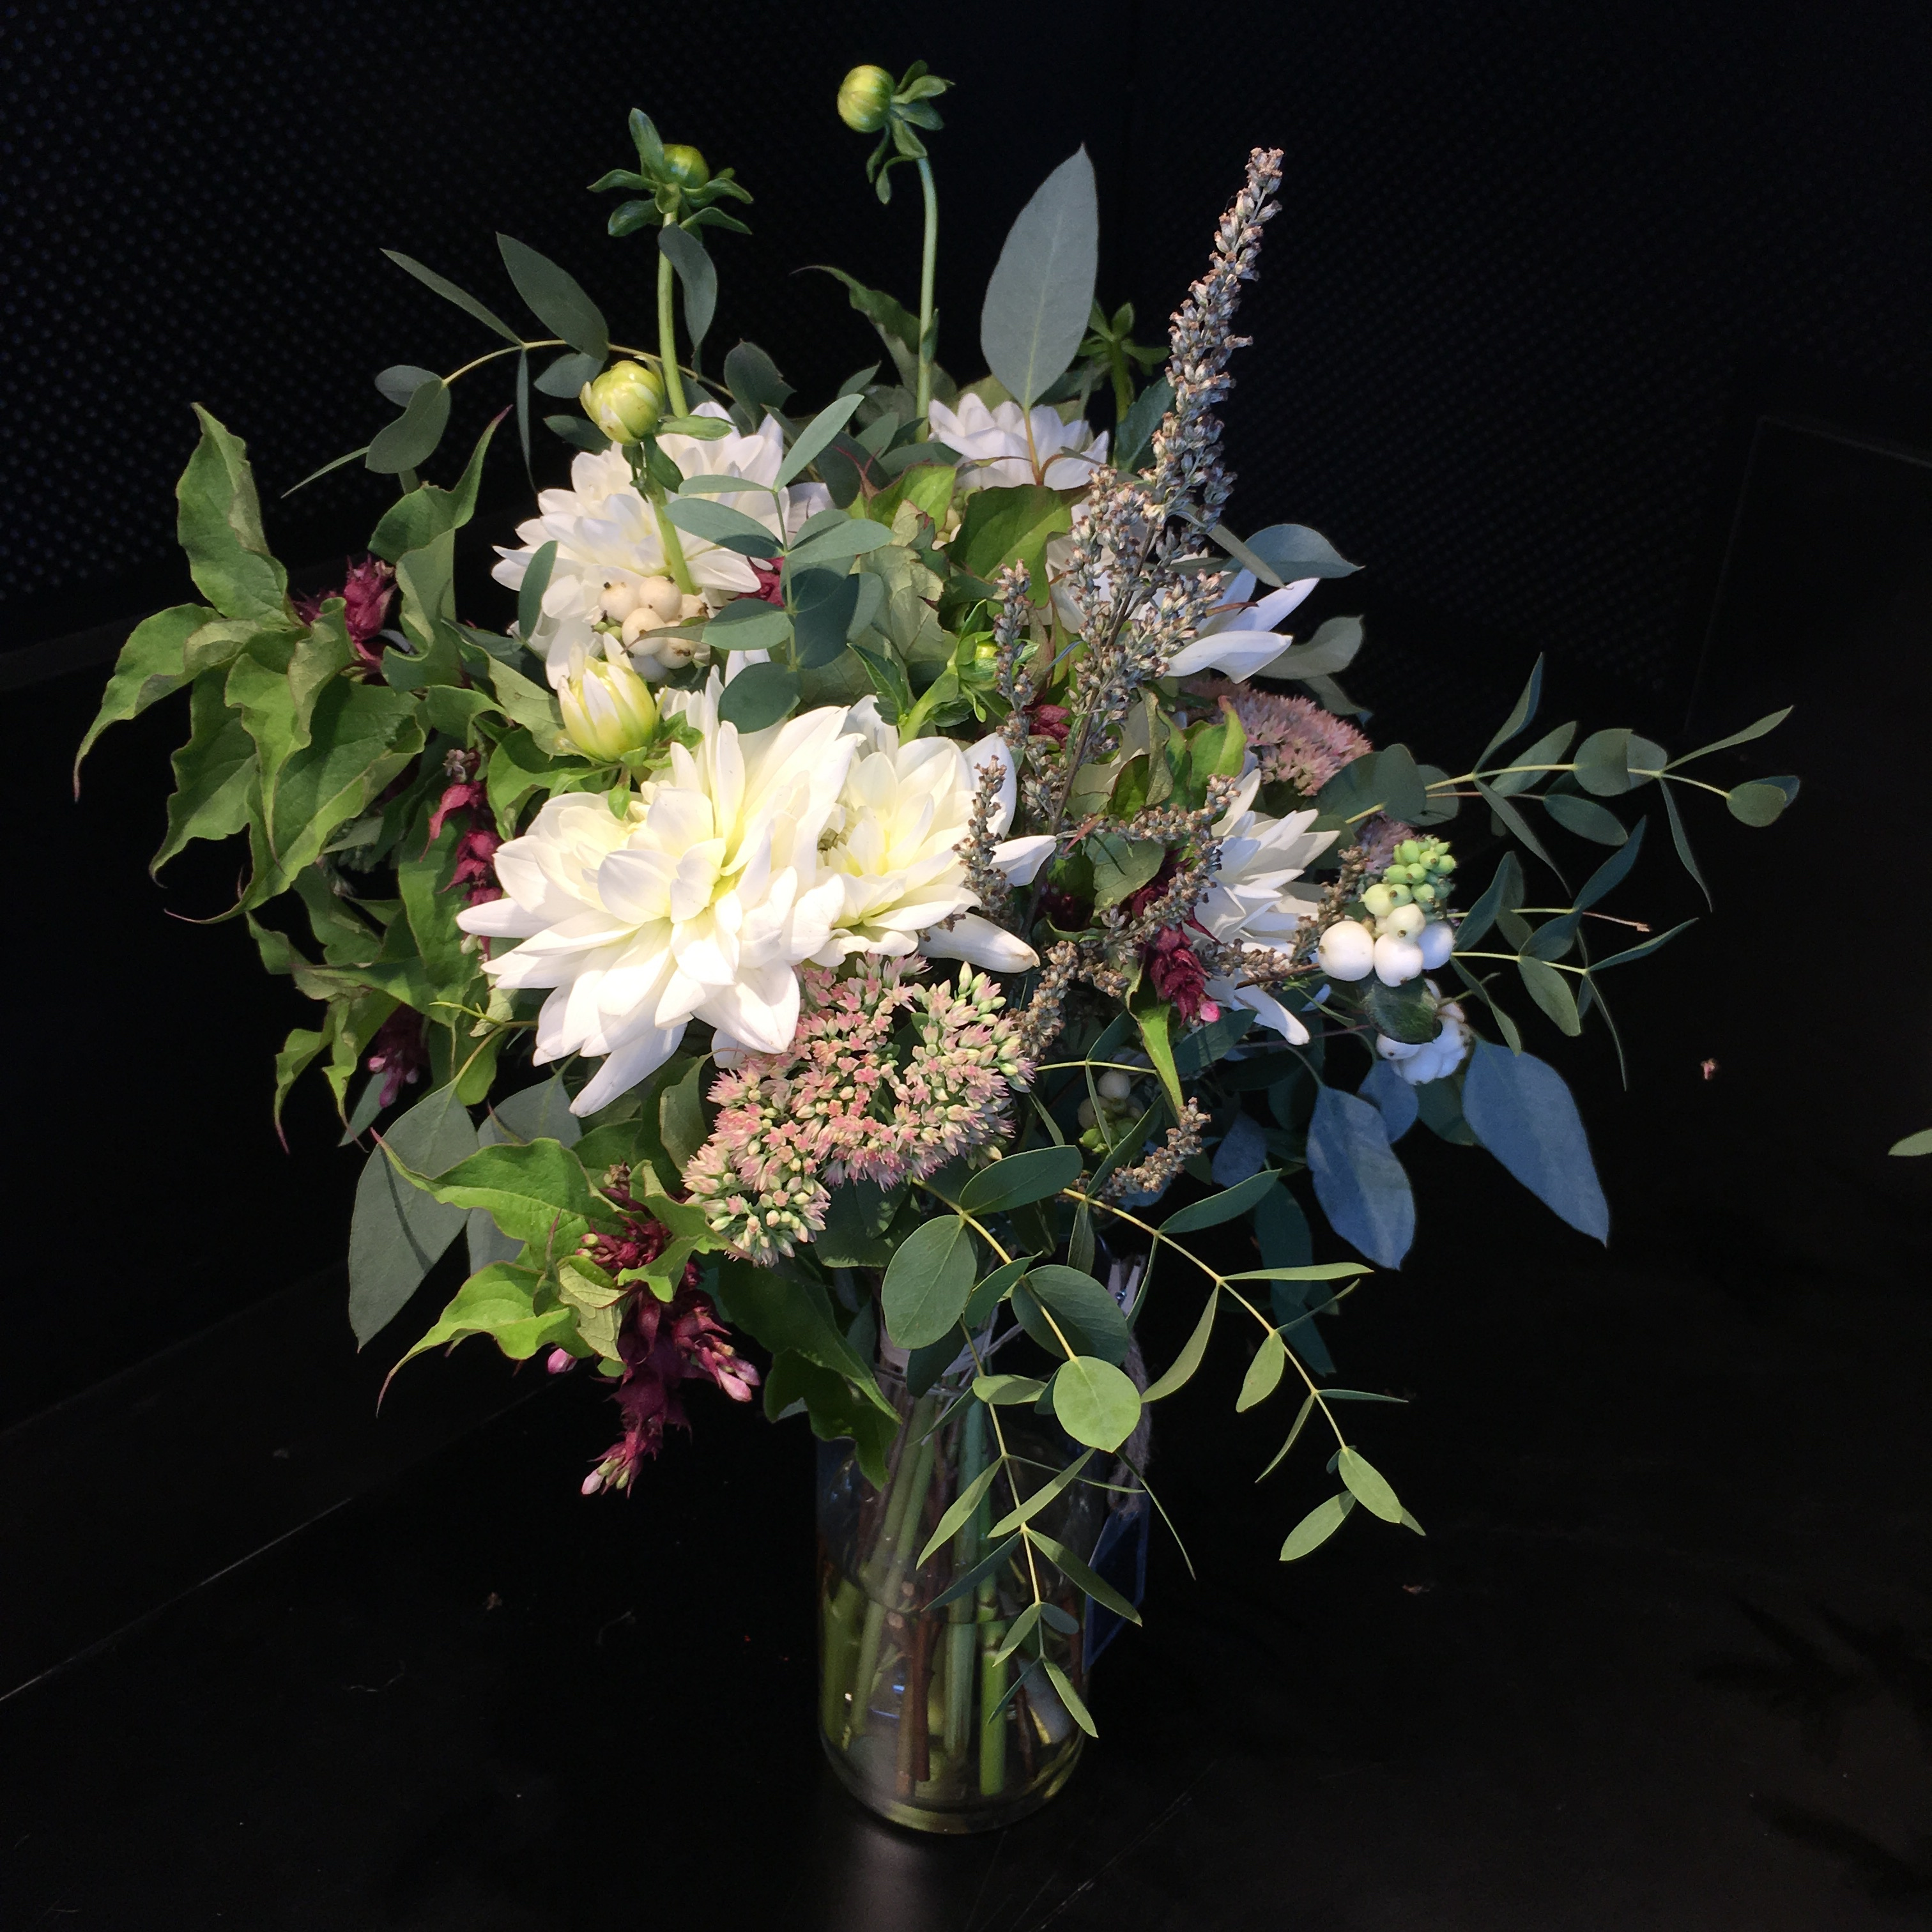 lebci fleuriste ecoresponsable bordeaux bouquet